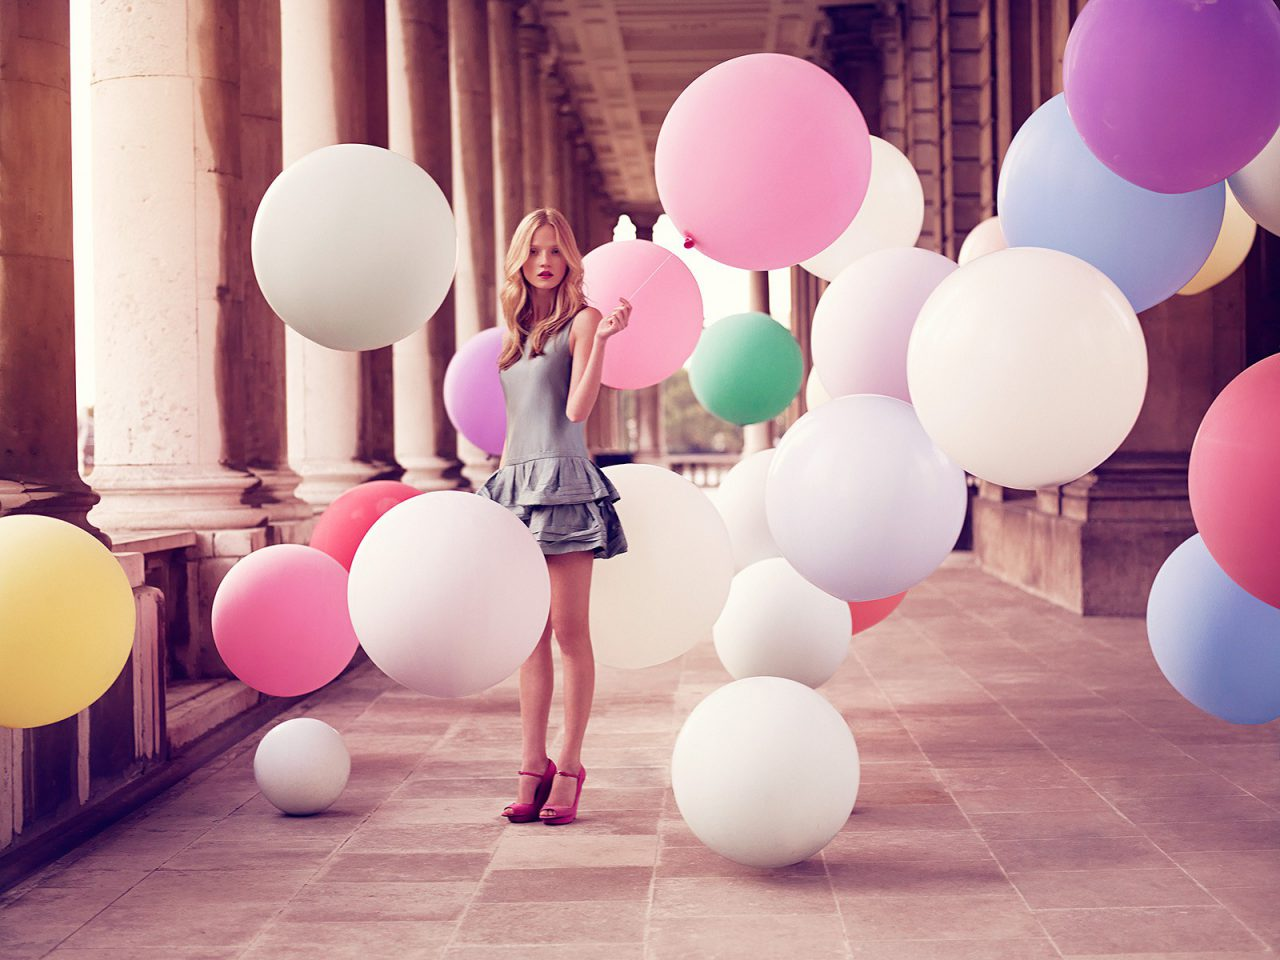 для того девушка с игрушками шары удовольствие своего творчества